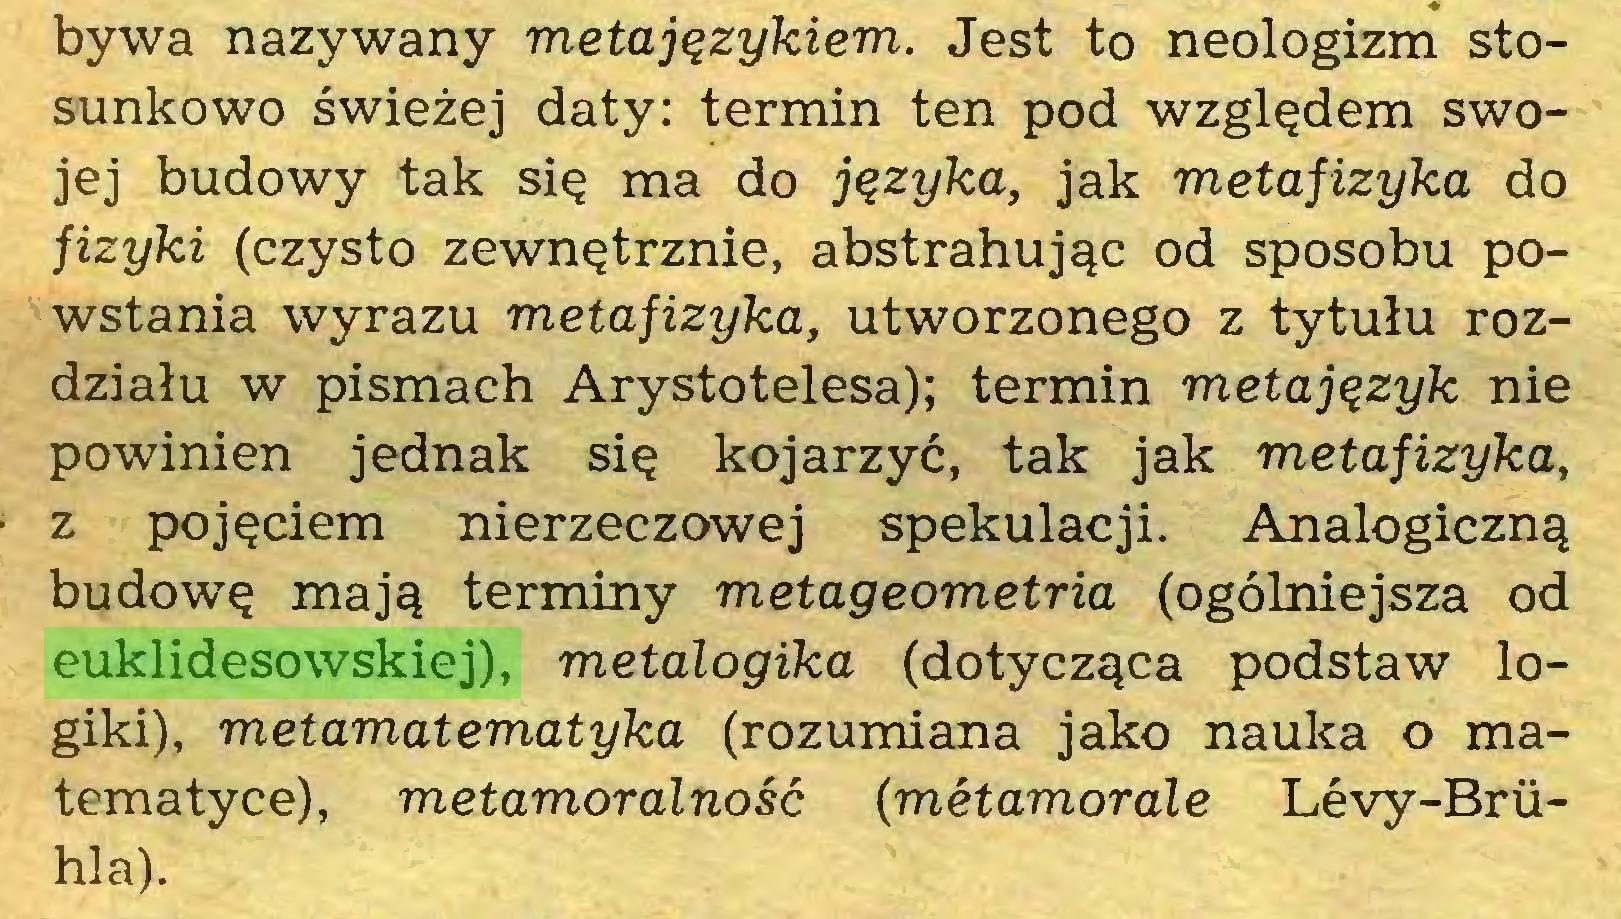 (...) bywa nazywany metajęzykiem. Jest to neologizm stosunkowo świeżej daty: termin ten pod względem swojej budowy tak się ma do języka, jak metafizyka do fizyki (czysto zewnętrznie, abstrahując od sposobu powstania wyrazu metafizyka, utworzonego z tytułu rozdziału w pismach Arystotelesa); termin metajęzyk nie powinien jednak się kojarzyć, tak jak metafizyka, z pojęciem nierzeczowej spekulacji. Analogiczną budowę mają terminy metageometria (ogólniejsza od euklidesowskiej), metalogika (dotycząca podstaw logiki), metamatematyka (rozumiana jako nauka o matematyce), metamoralność (metamorale Levy-Briihla)...